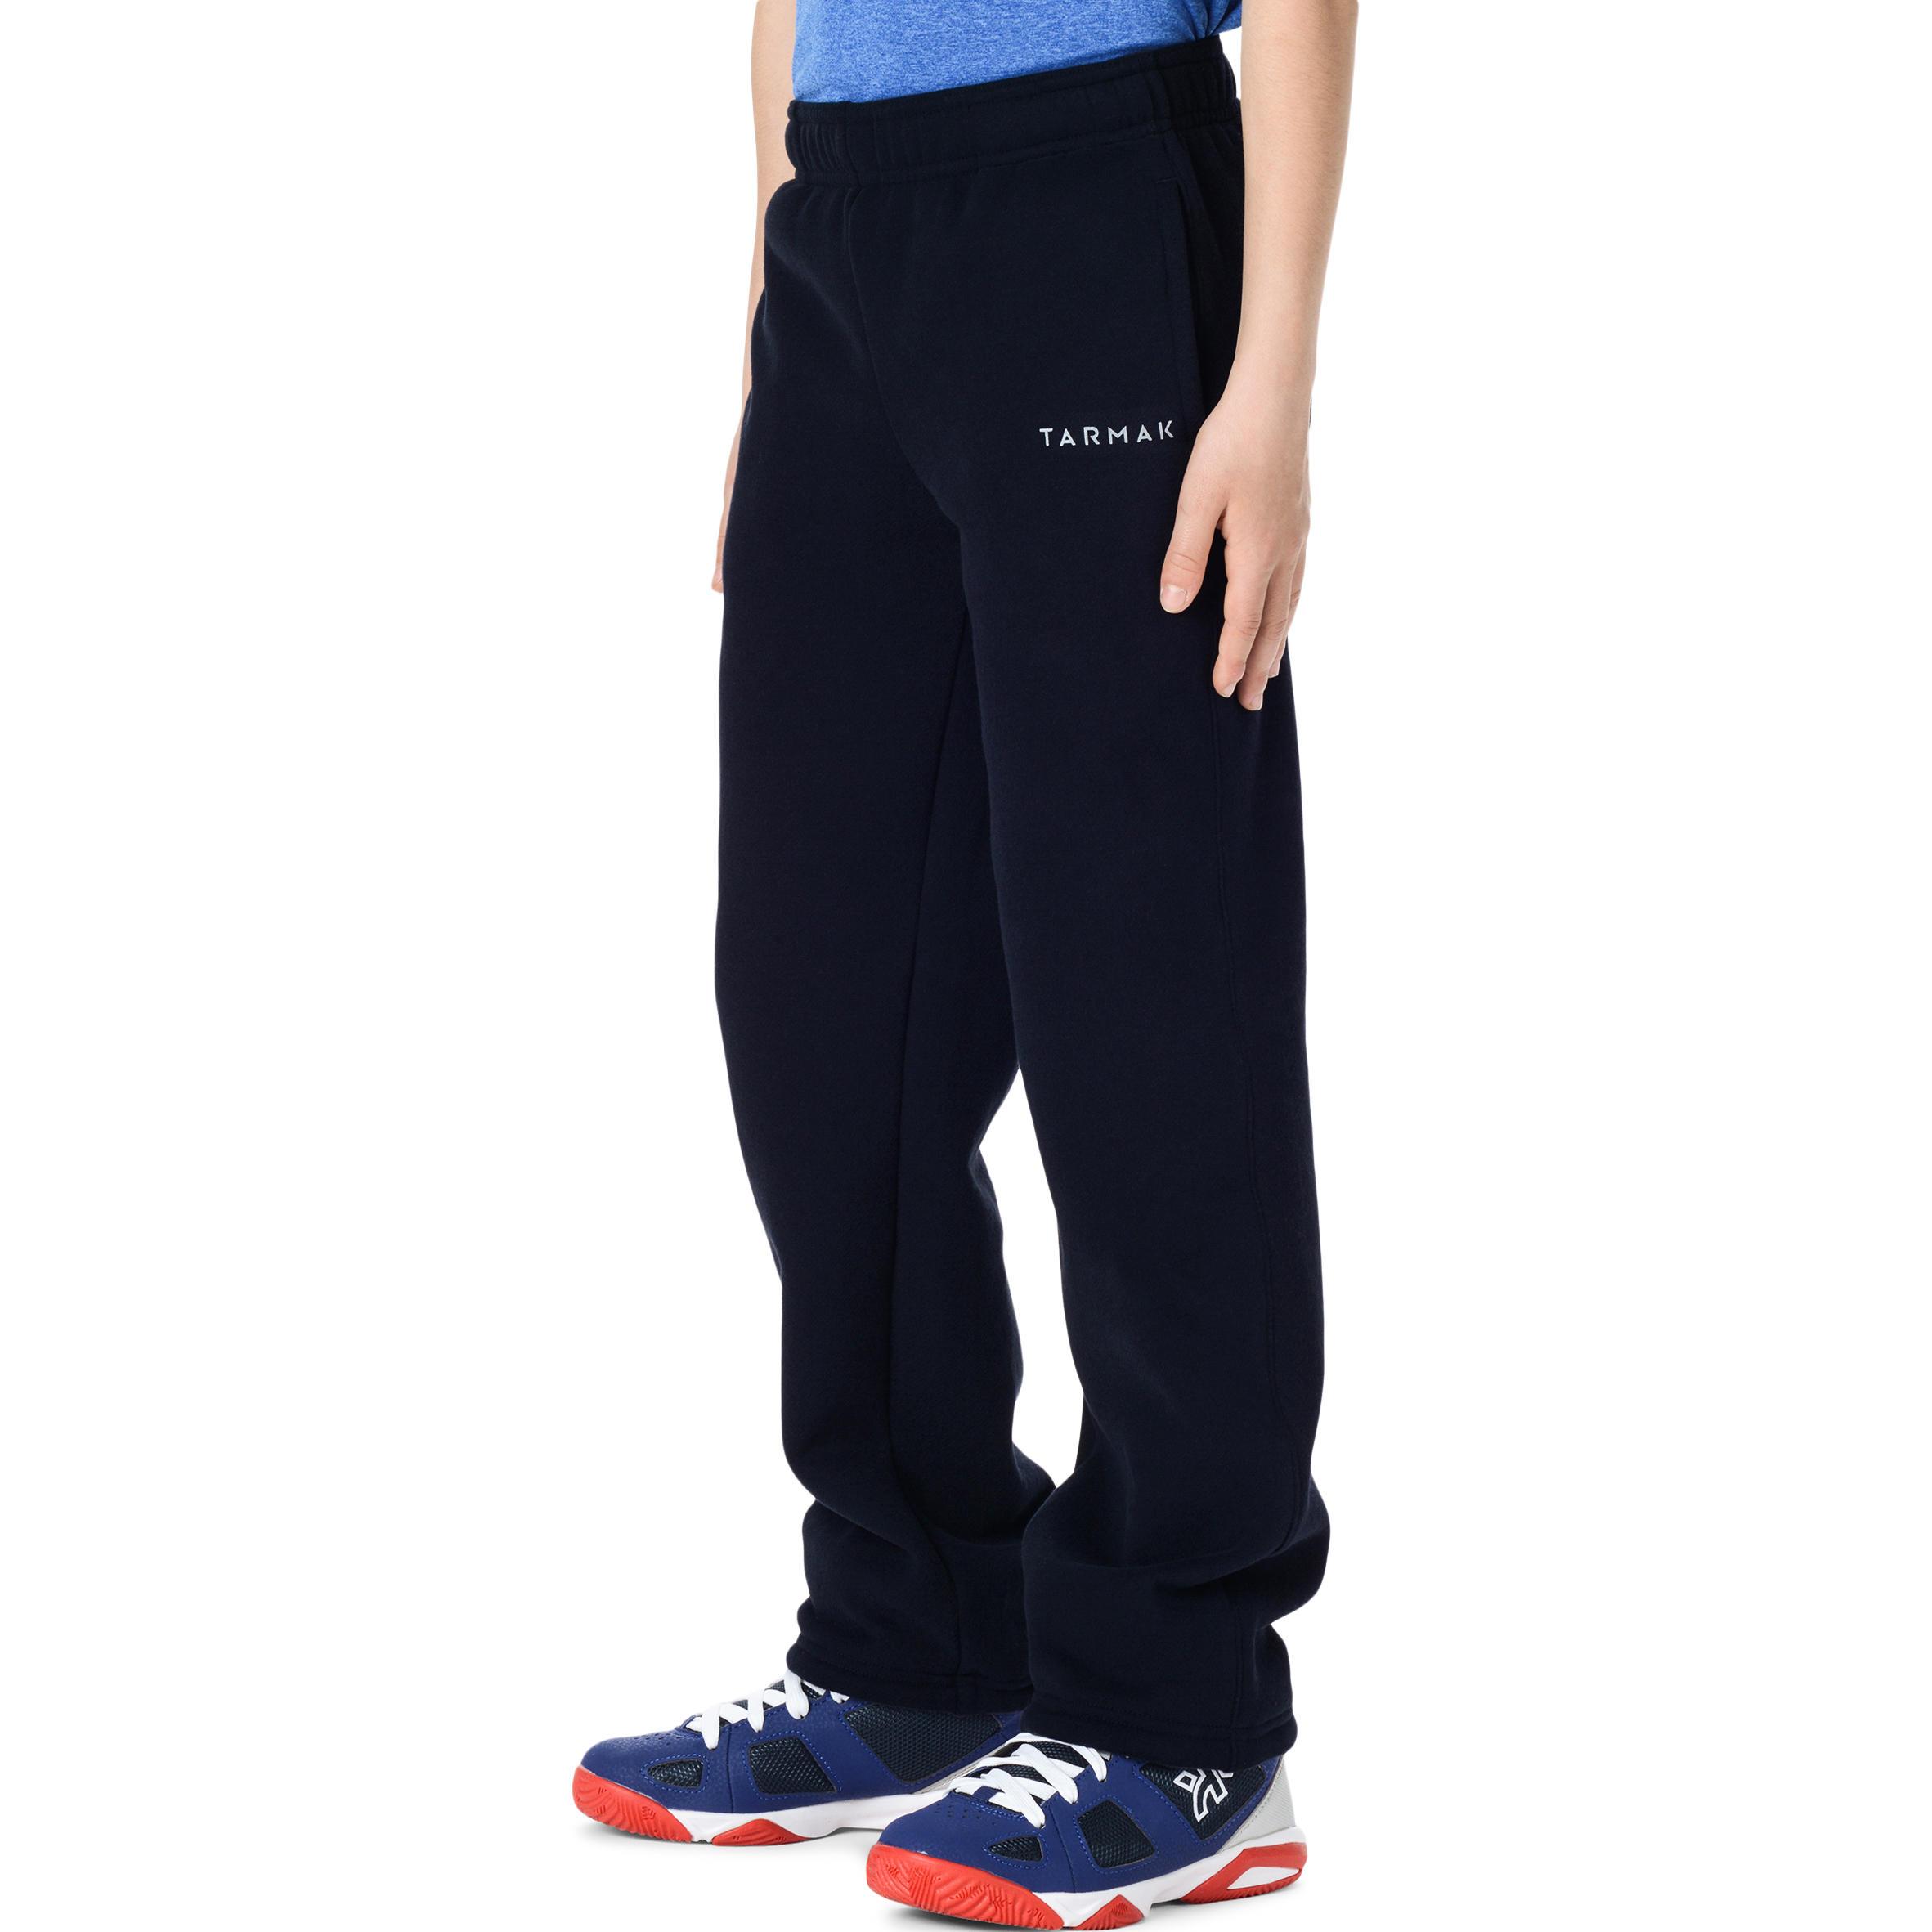 B300 Boys'/Girls' Basketball Bottoms For Beginners- Blue